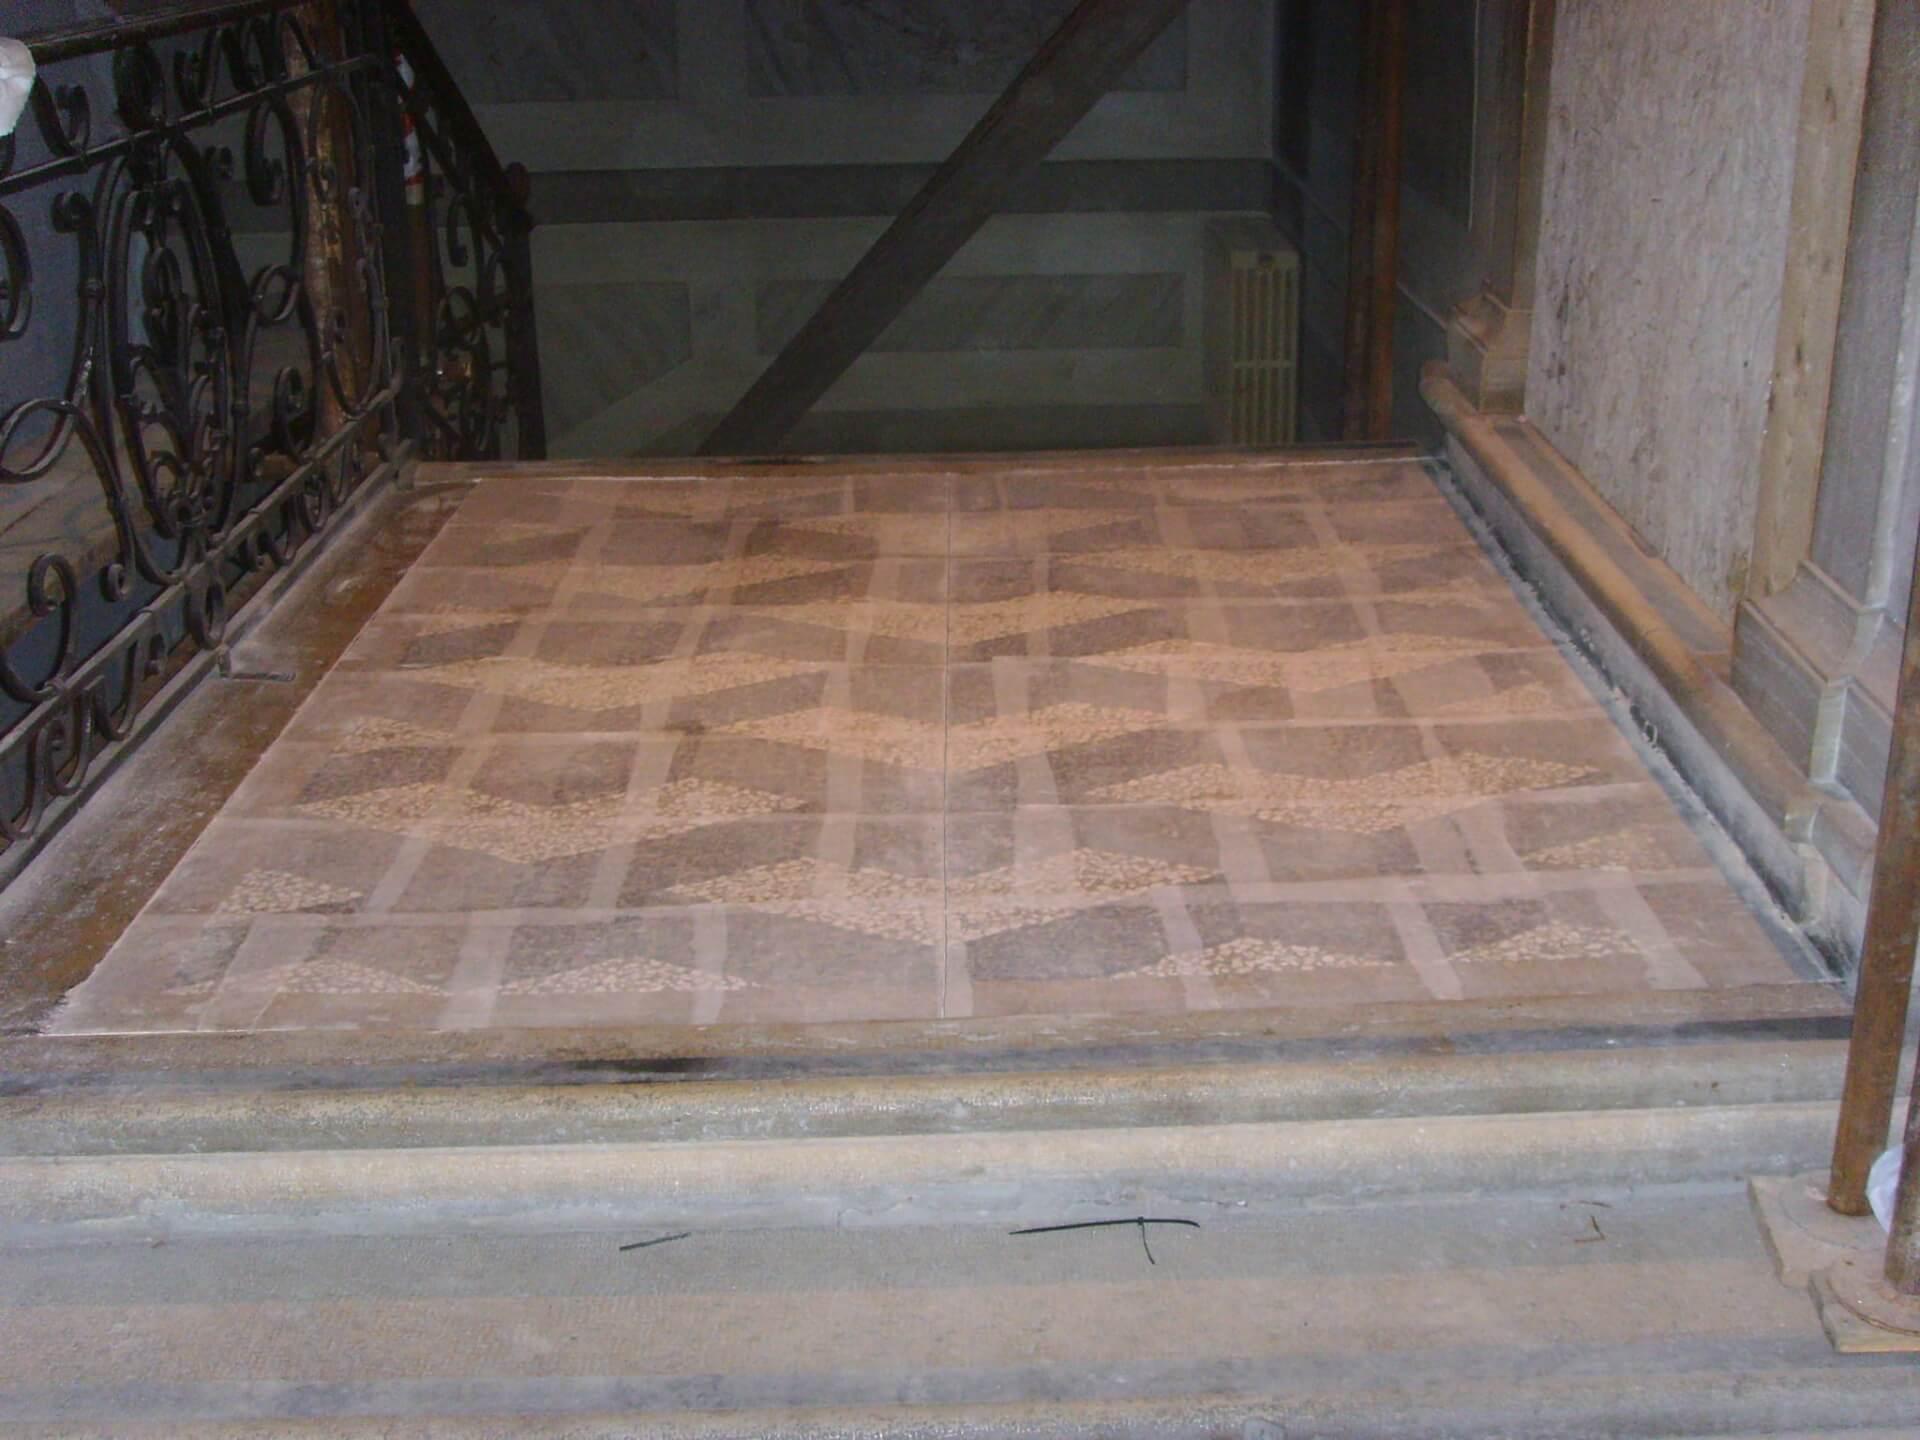 Assi Di Legno Decorate : Assi di legno per tavolo interni stile rustico tavolo legno